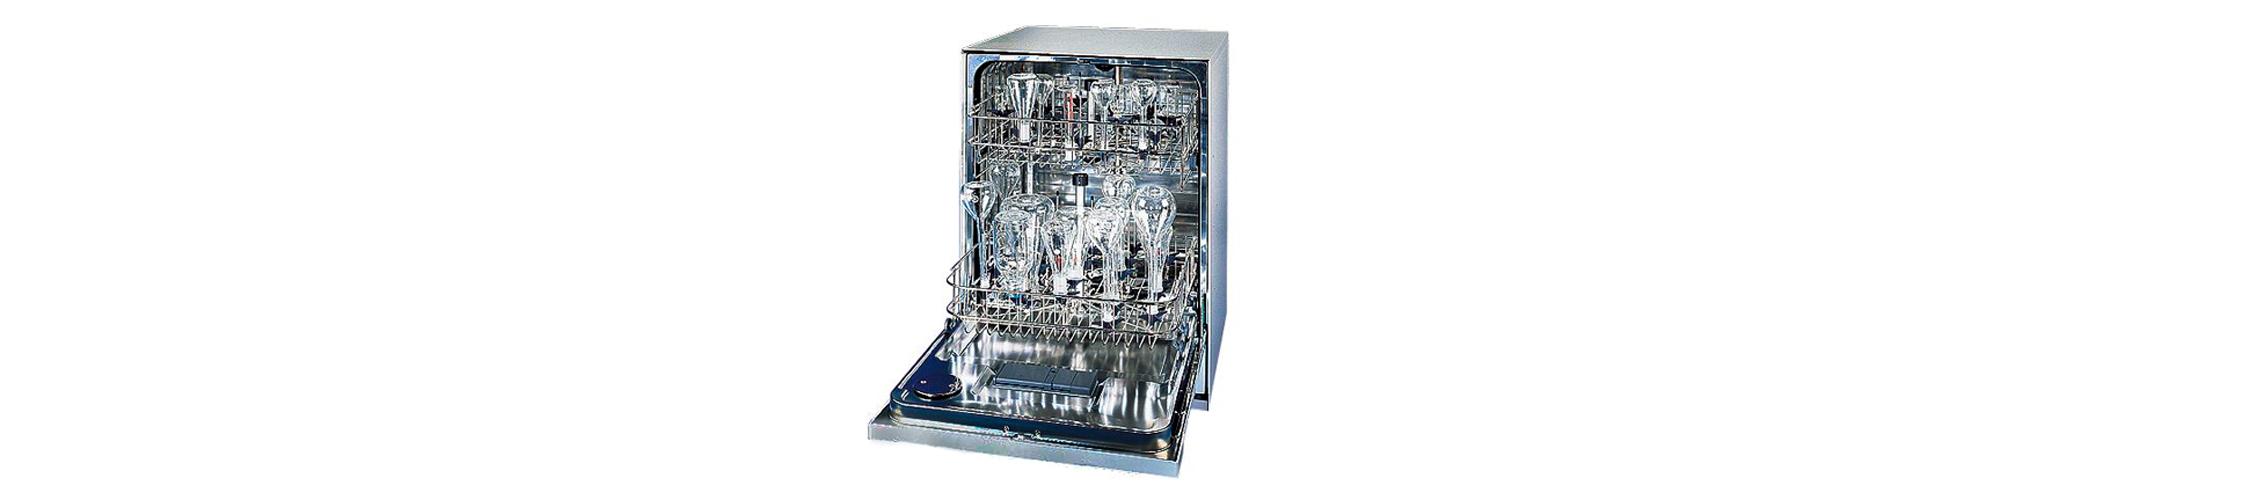 Lavadora de Vidrarias (IMAGEM MERAMENTE ILUSTRATIVA)